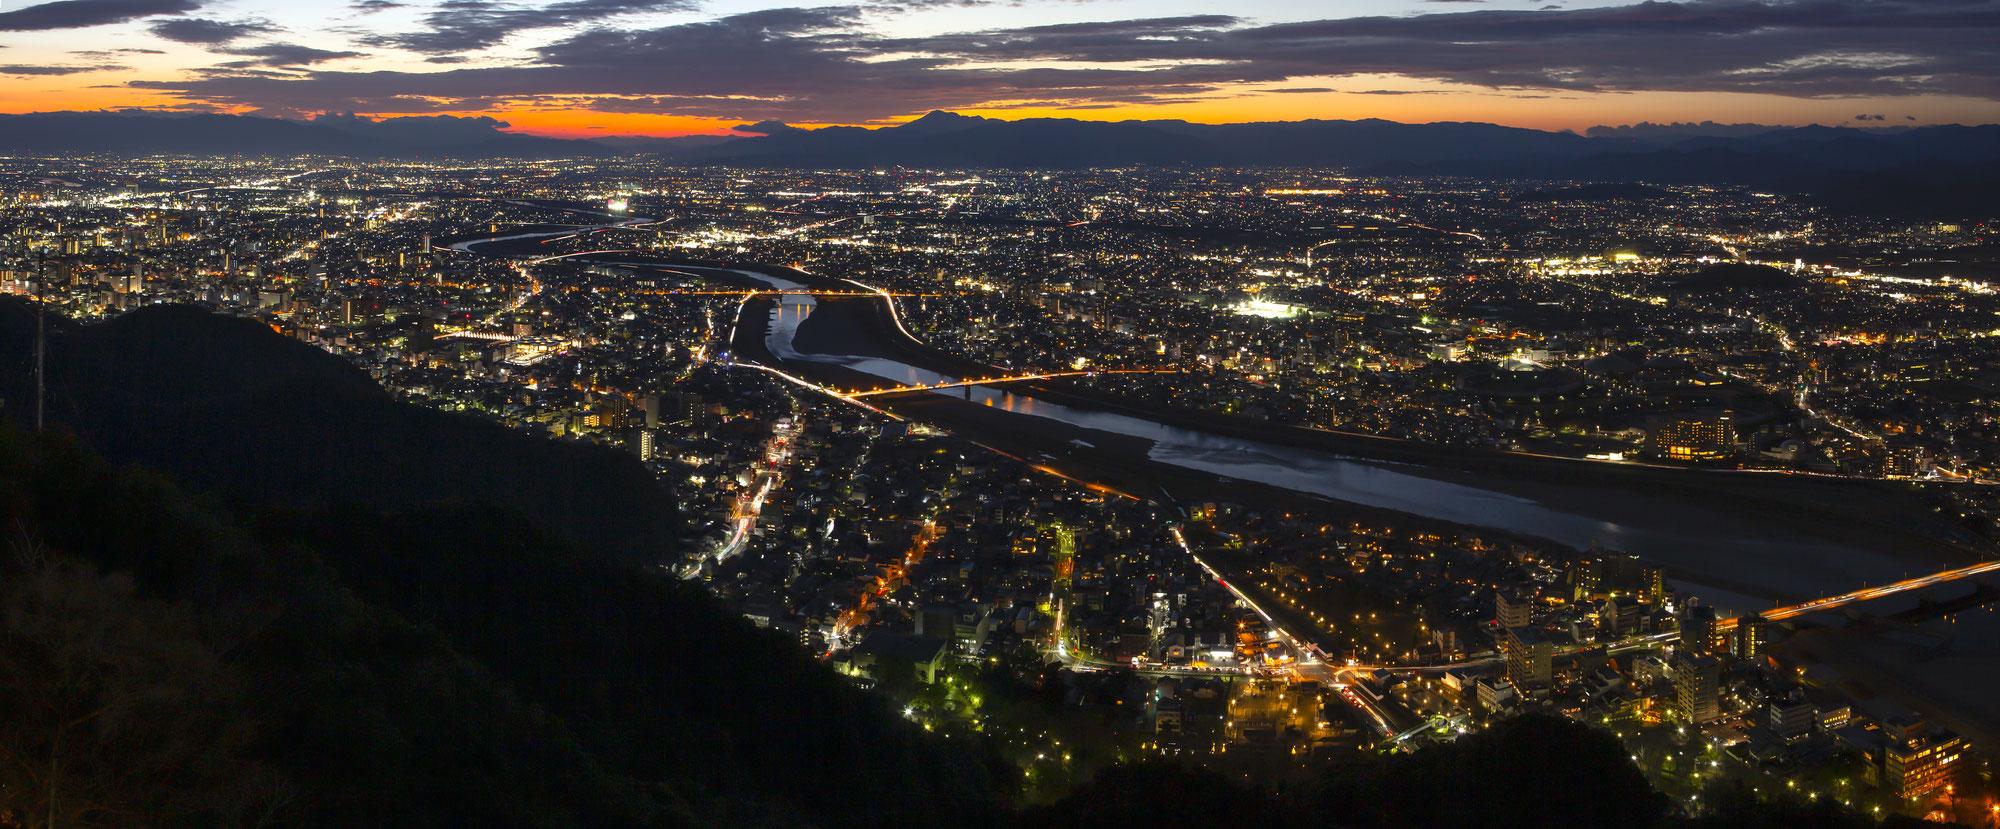 【中止となりました】夏休みは期間限定『岐阜城パノラマ夜景』へGO!